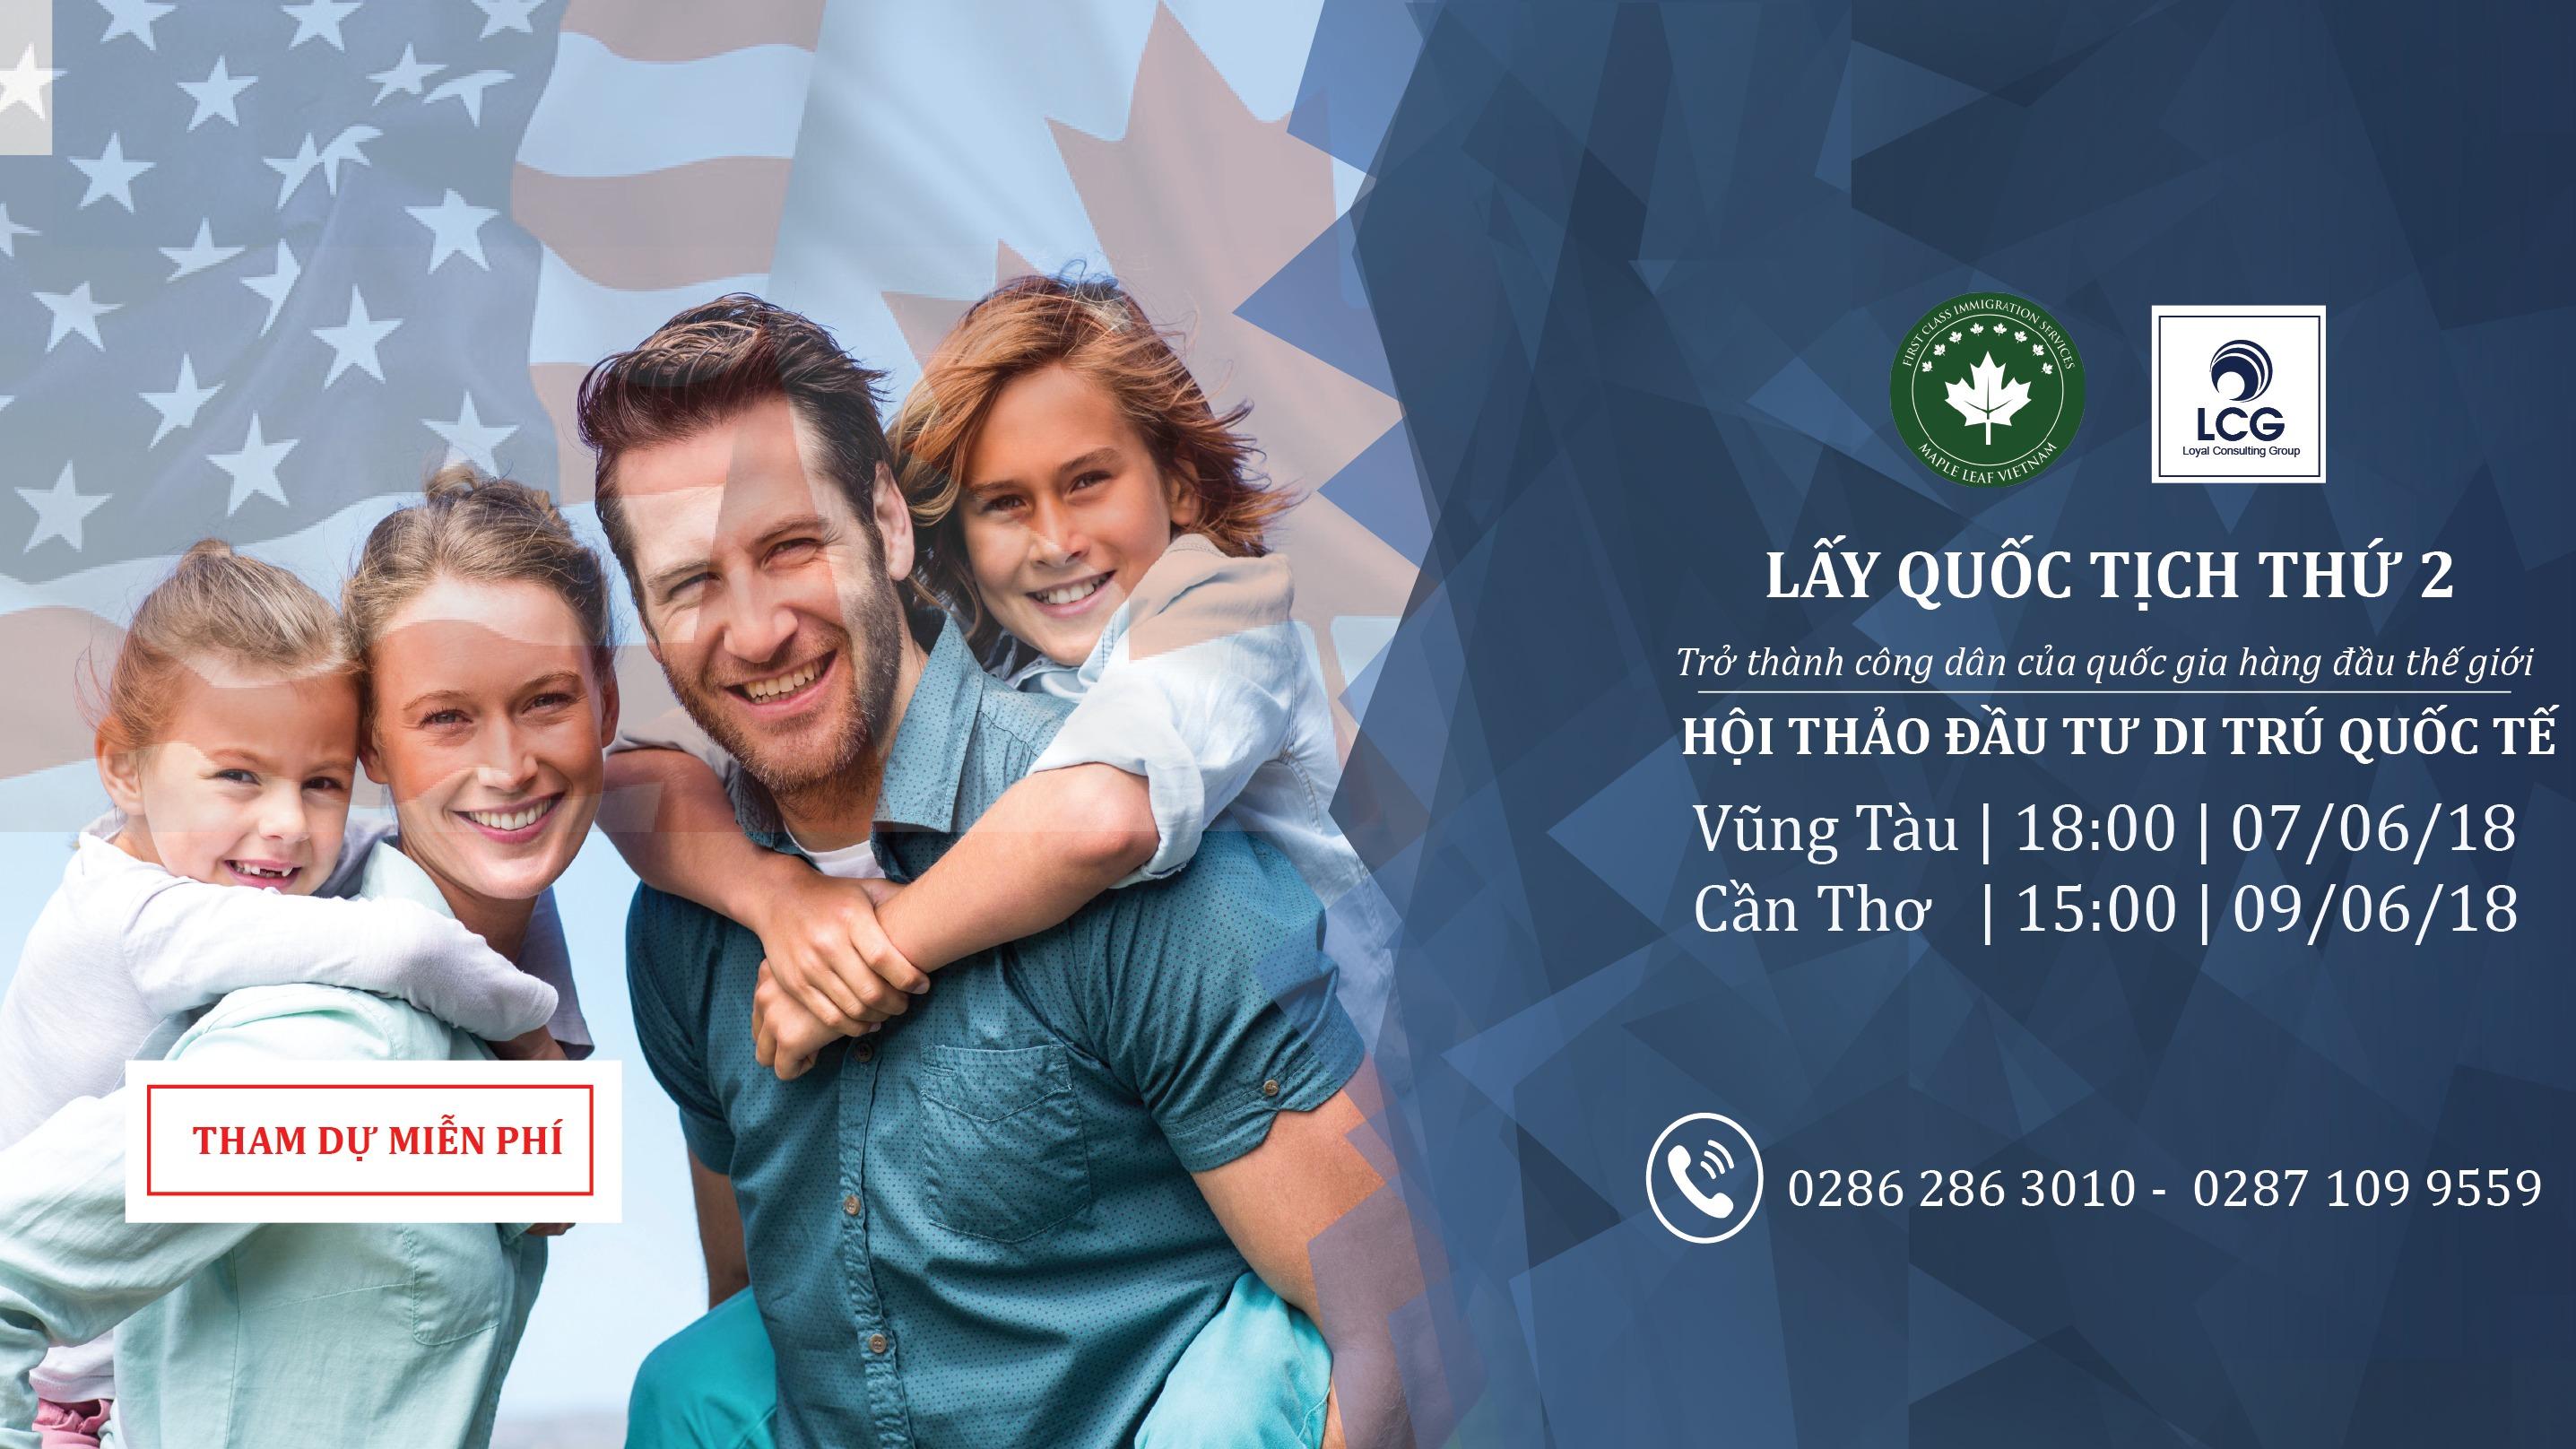 lay-quoc-tich-thu-2---hoi-thao-dau-tu-di-tru-quoc-te-062018